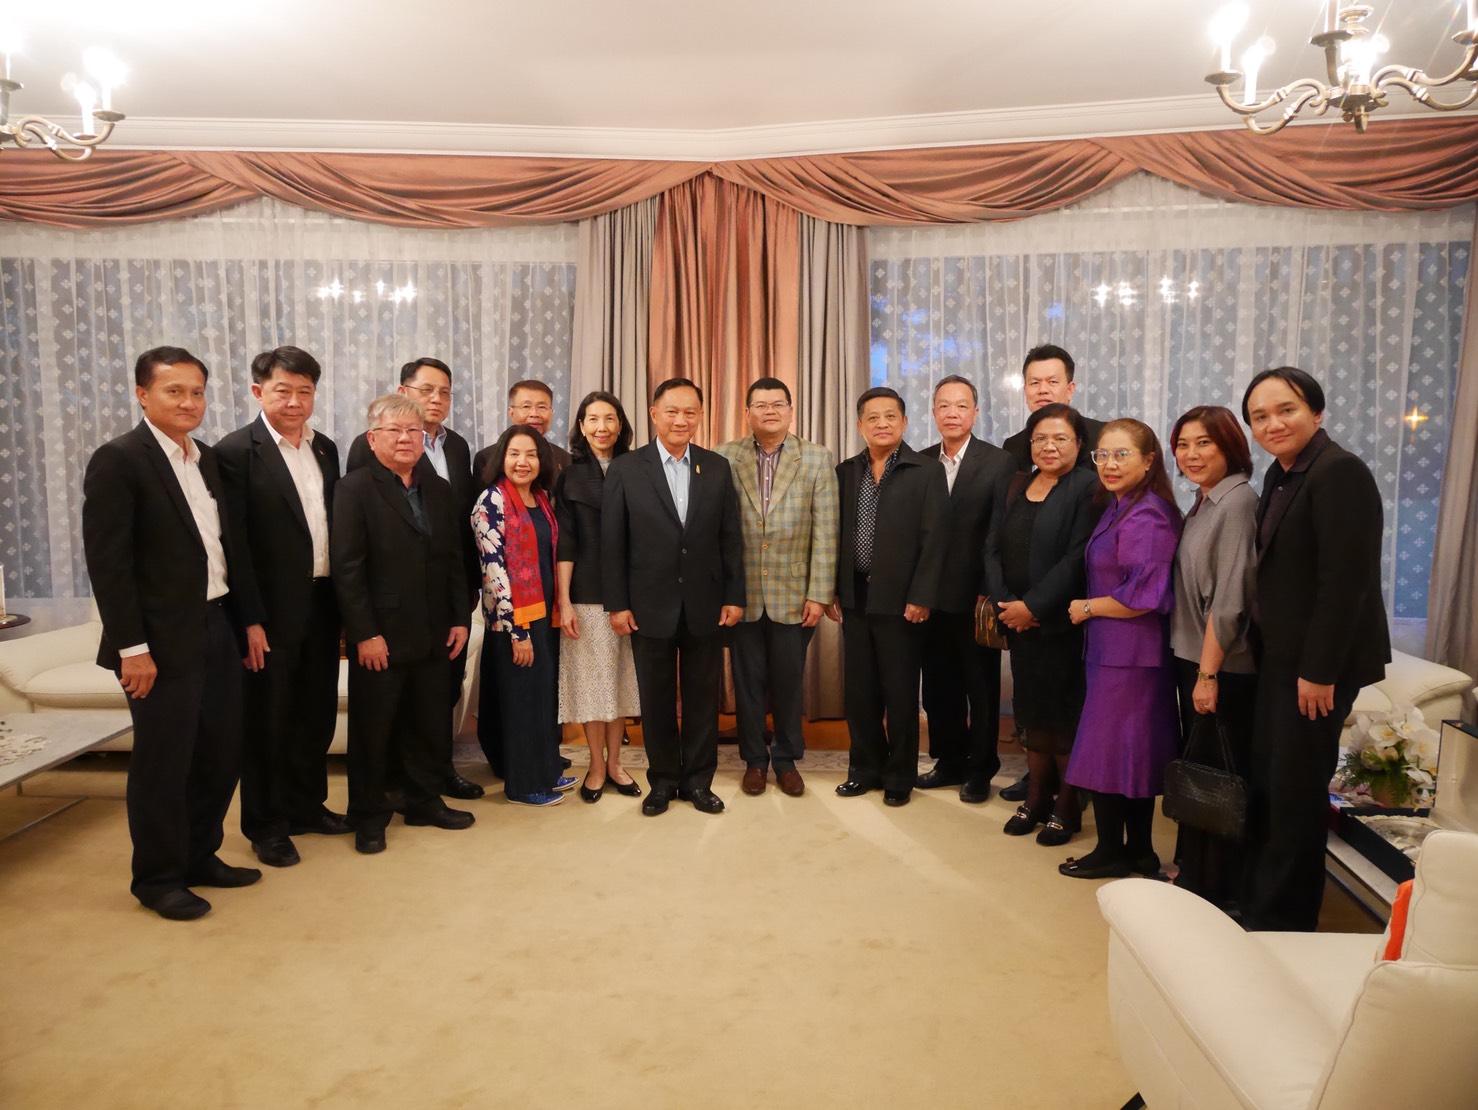 รมว.แรงงานและคณะ เข้าพบเอกอัครราชทูต ผู้แทนถาวรไทยประจำสหประชาชาติ ณ นครเจนีวา